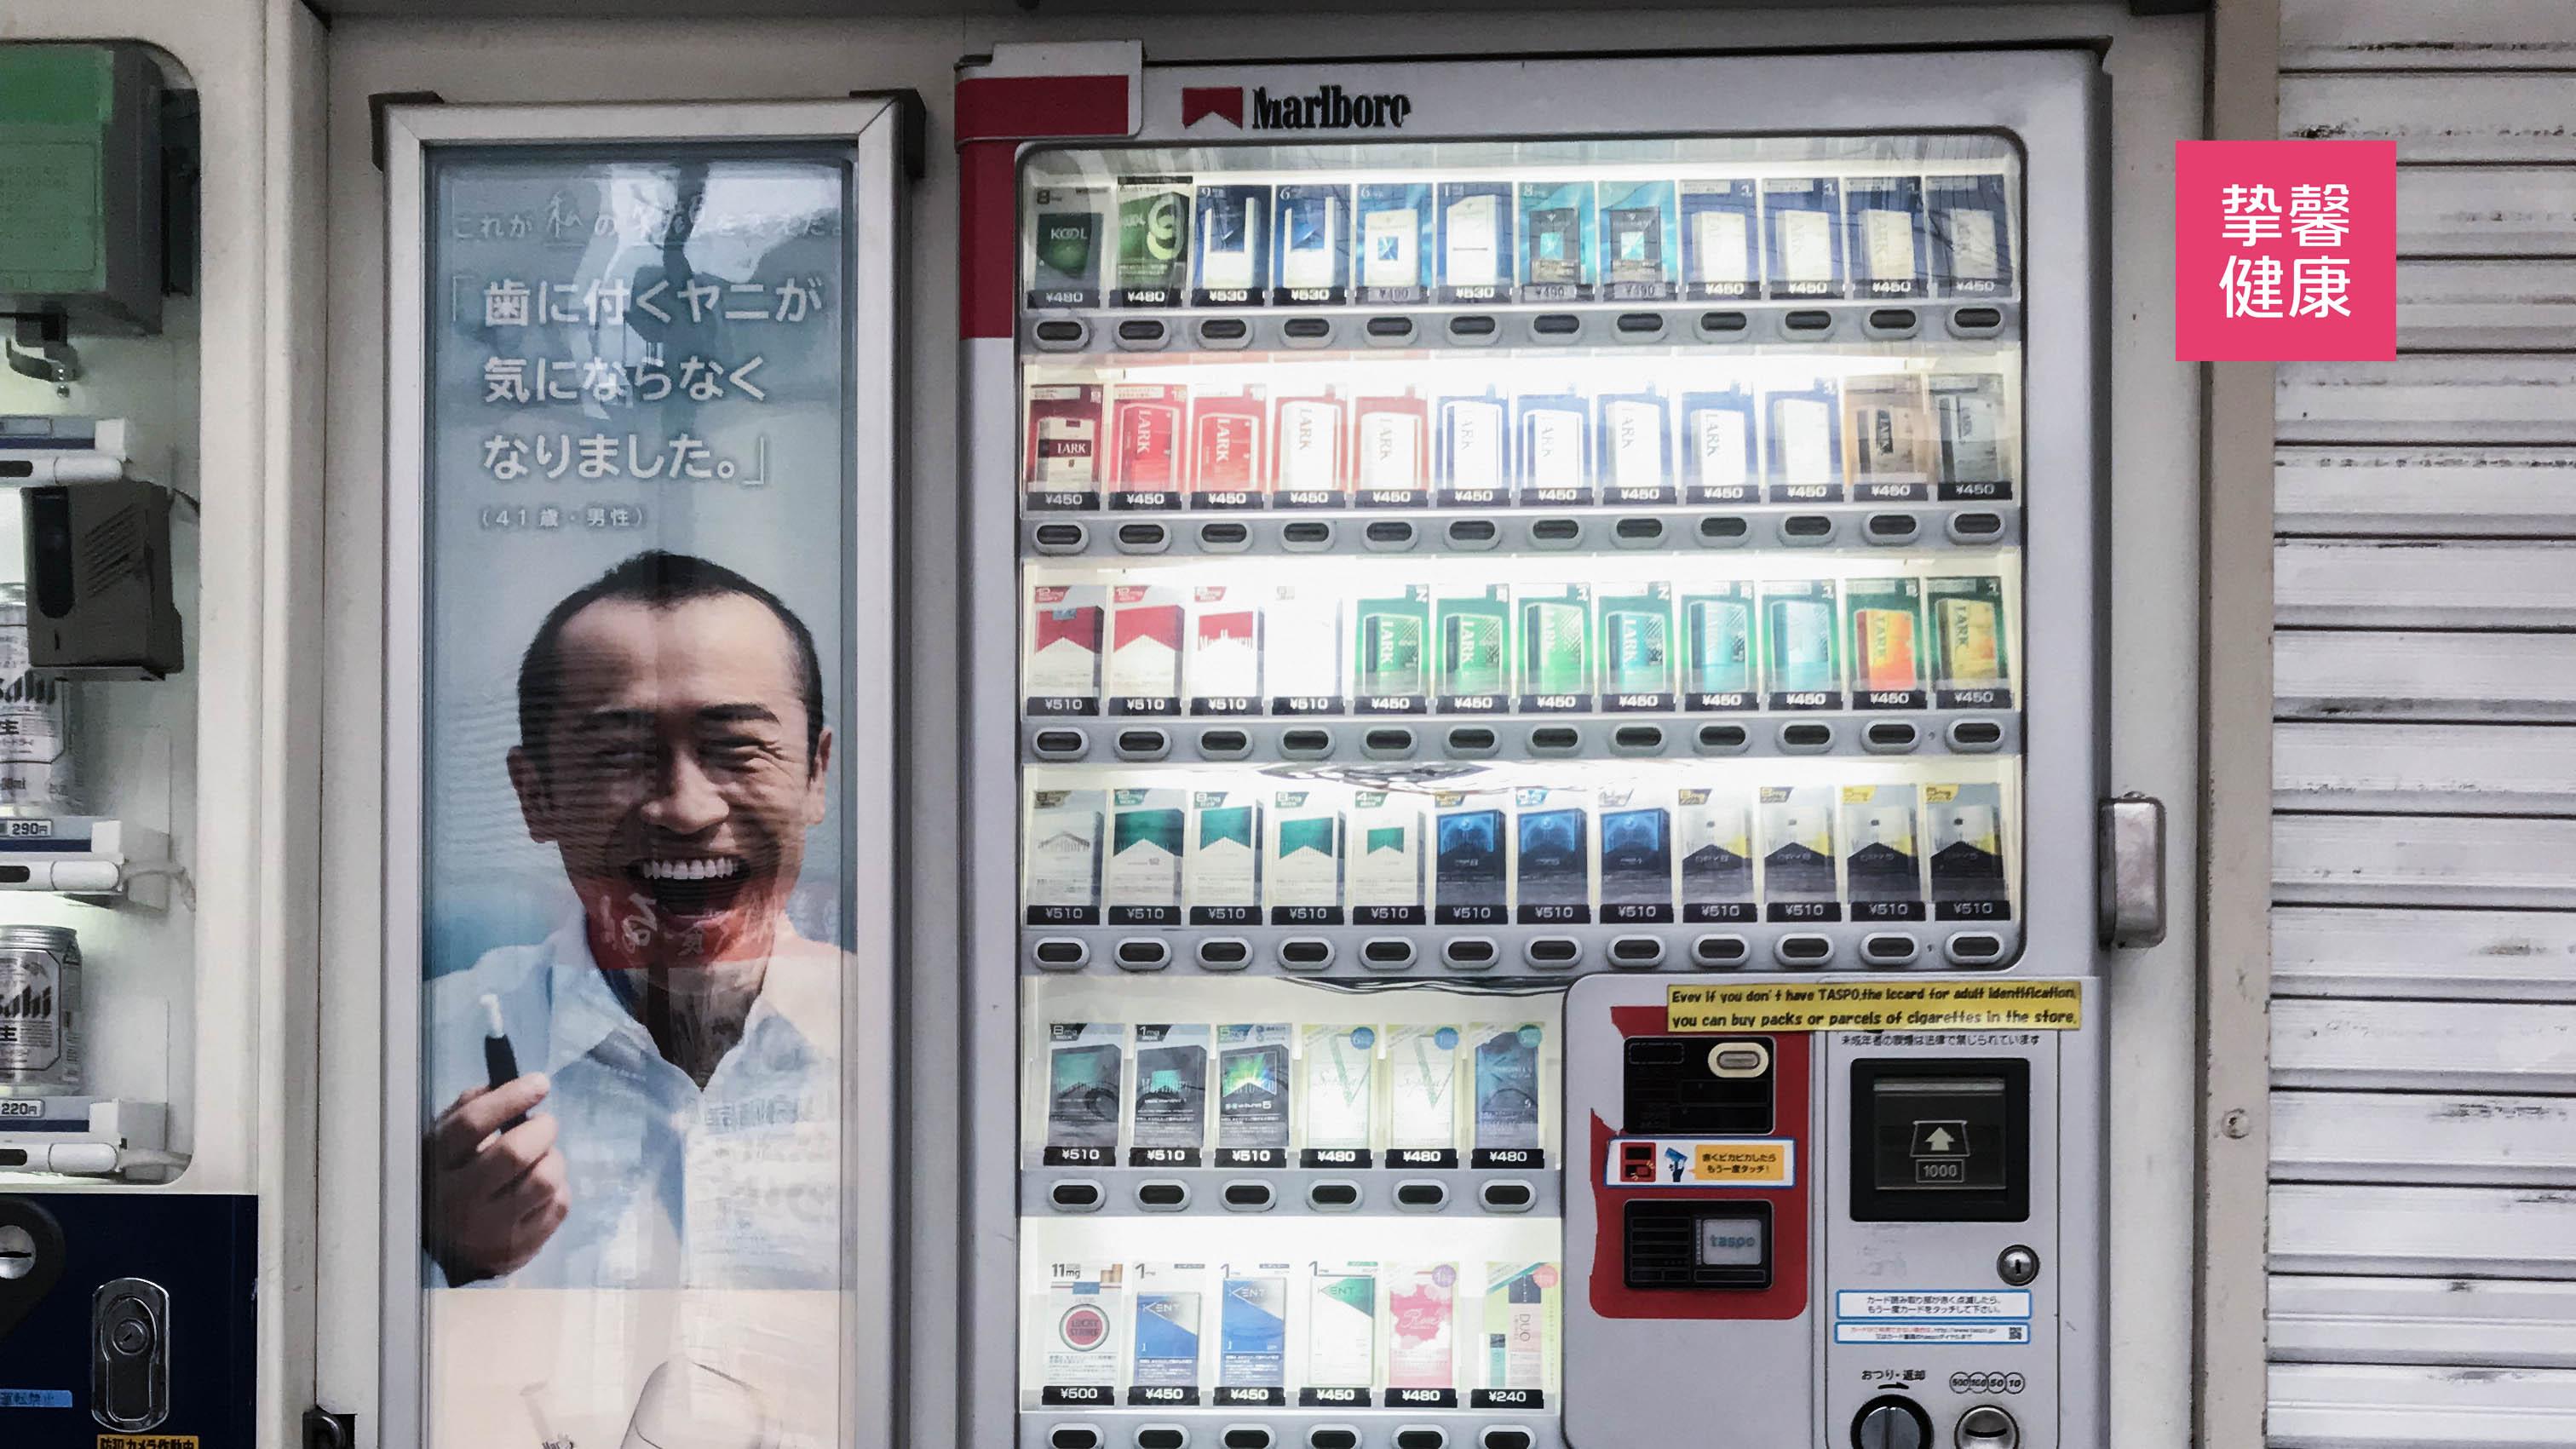 日本街头的香烟自动贩卖机